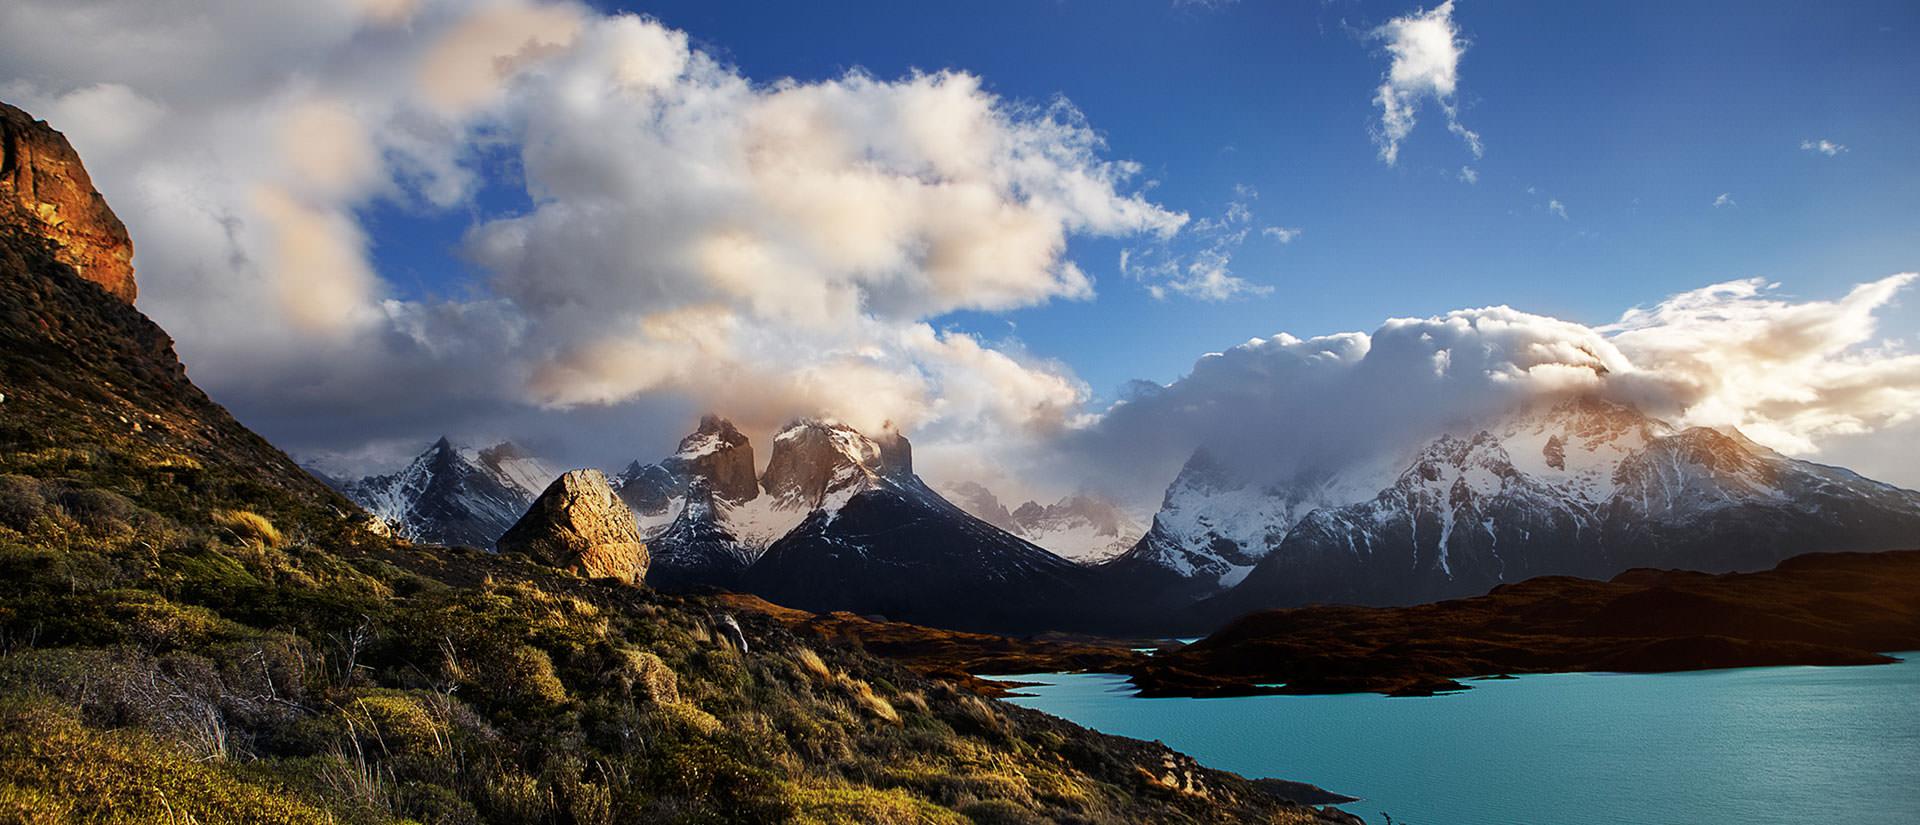 טיולים מאורגנים לצ'ילה